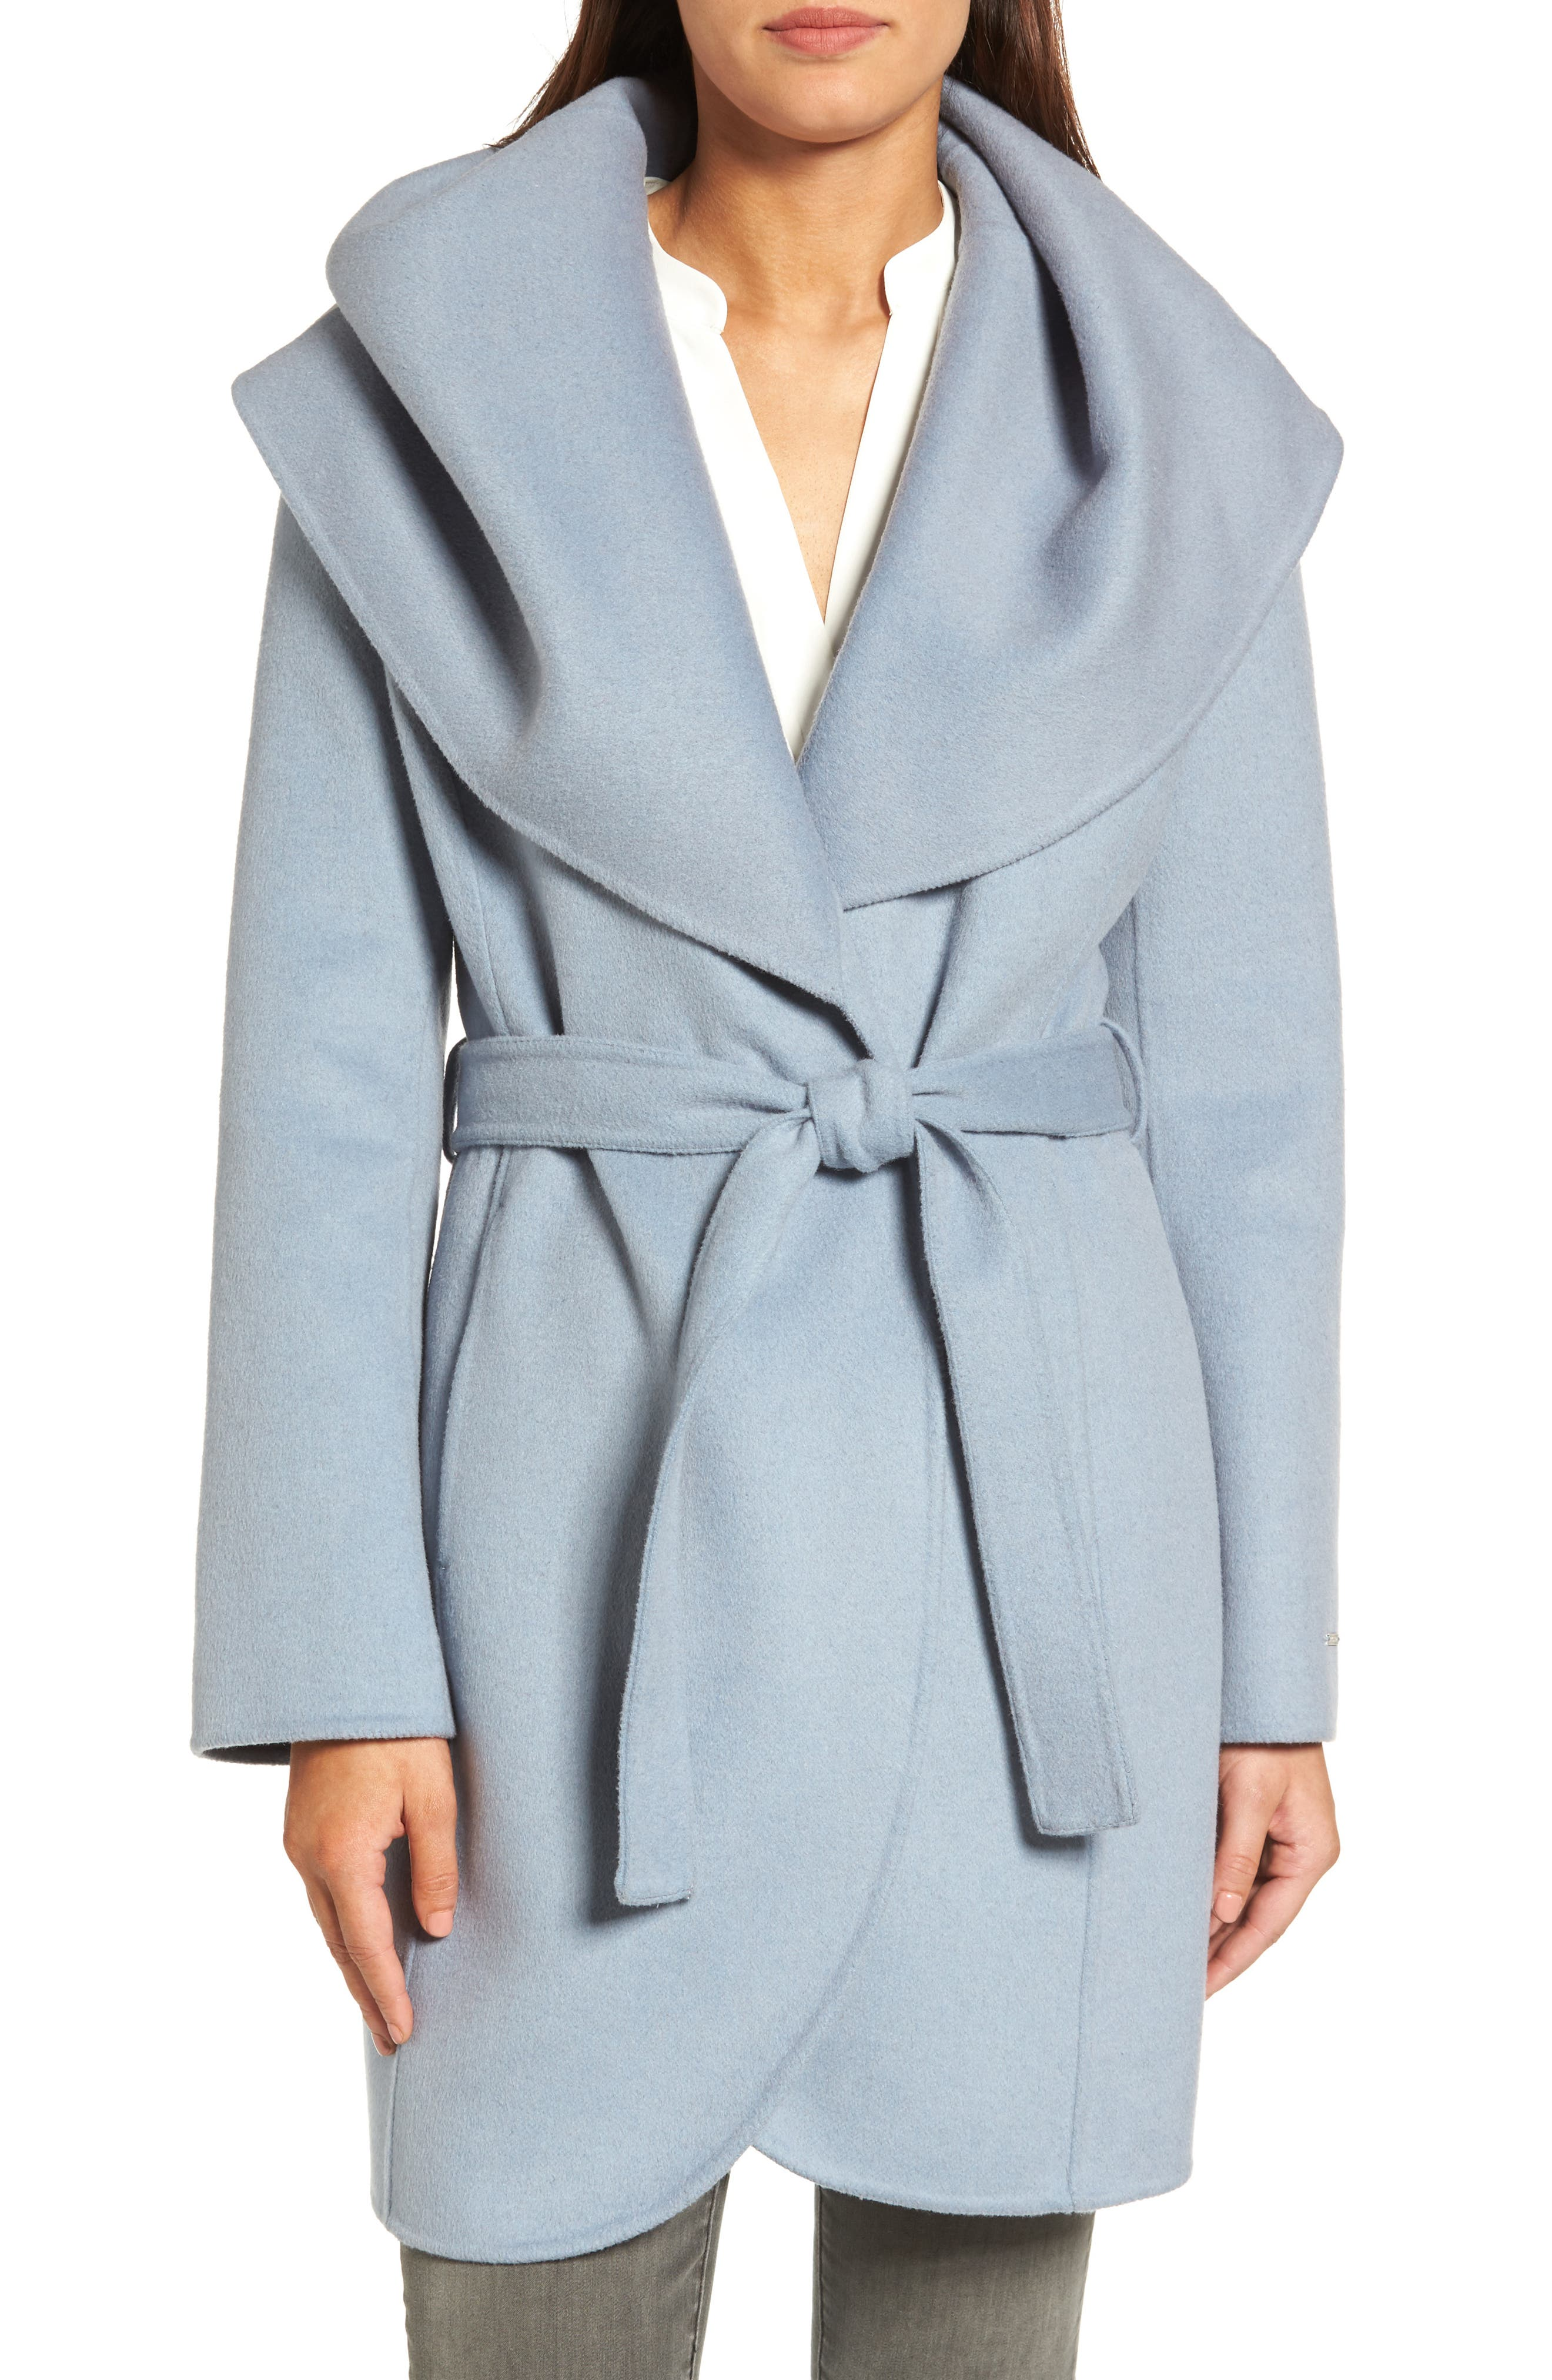 Marla Double Face Wool Blend Wrap Coat,                         Main,                         color, Pale Blue